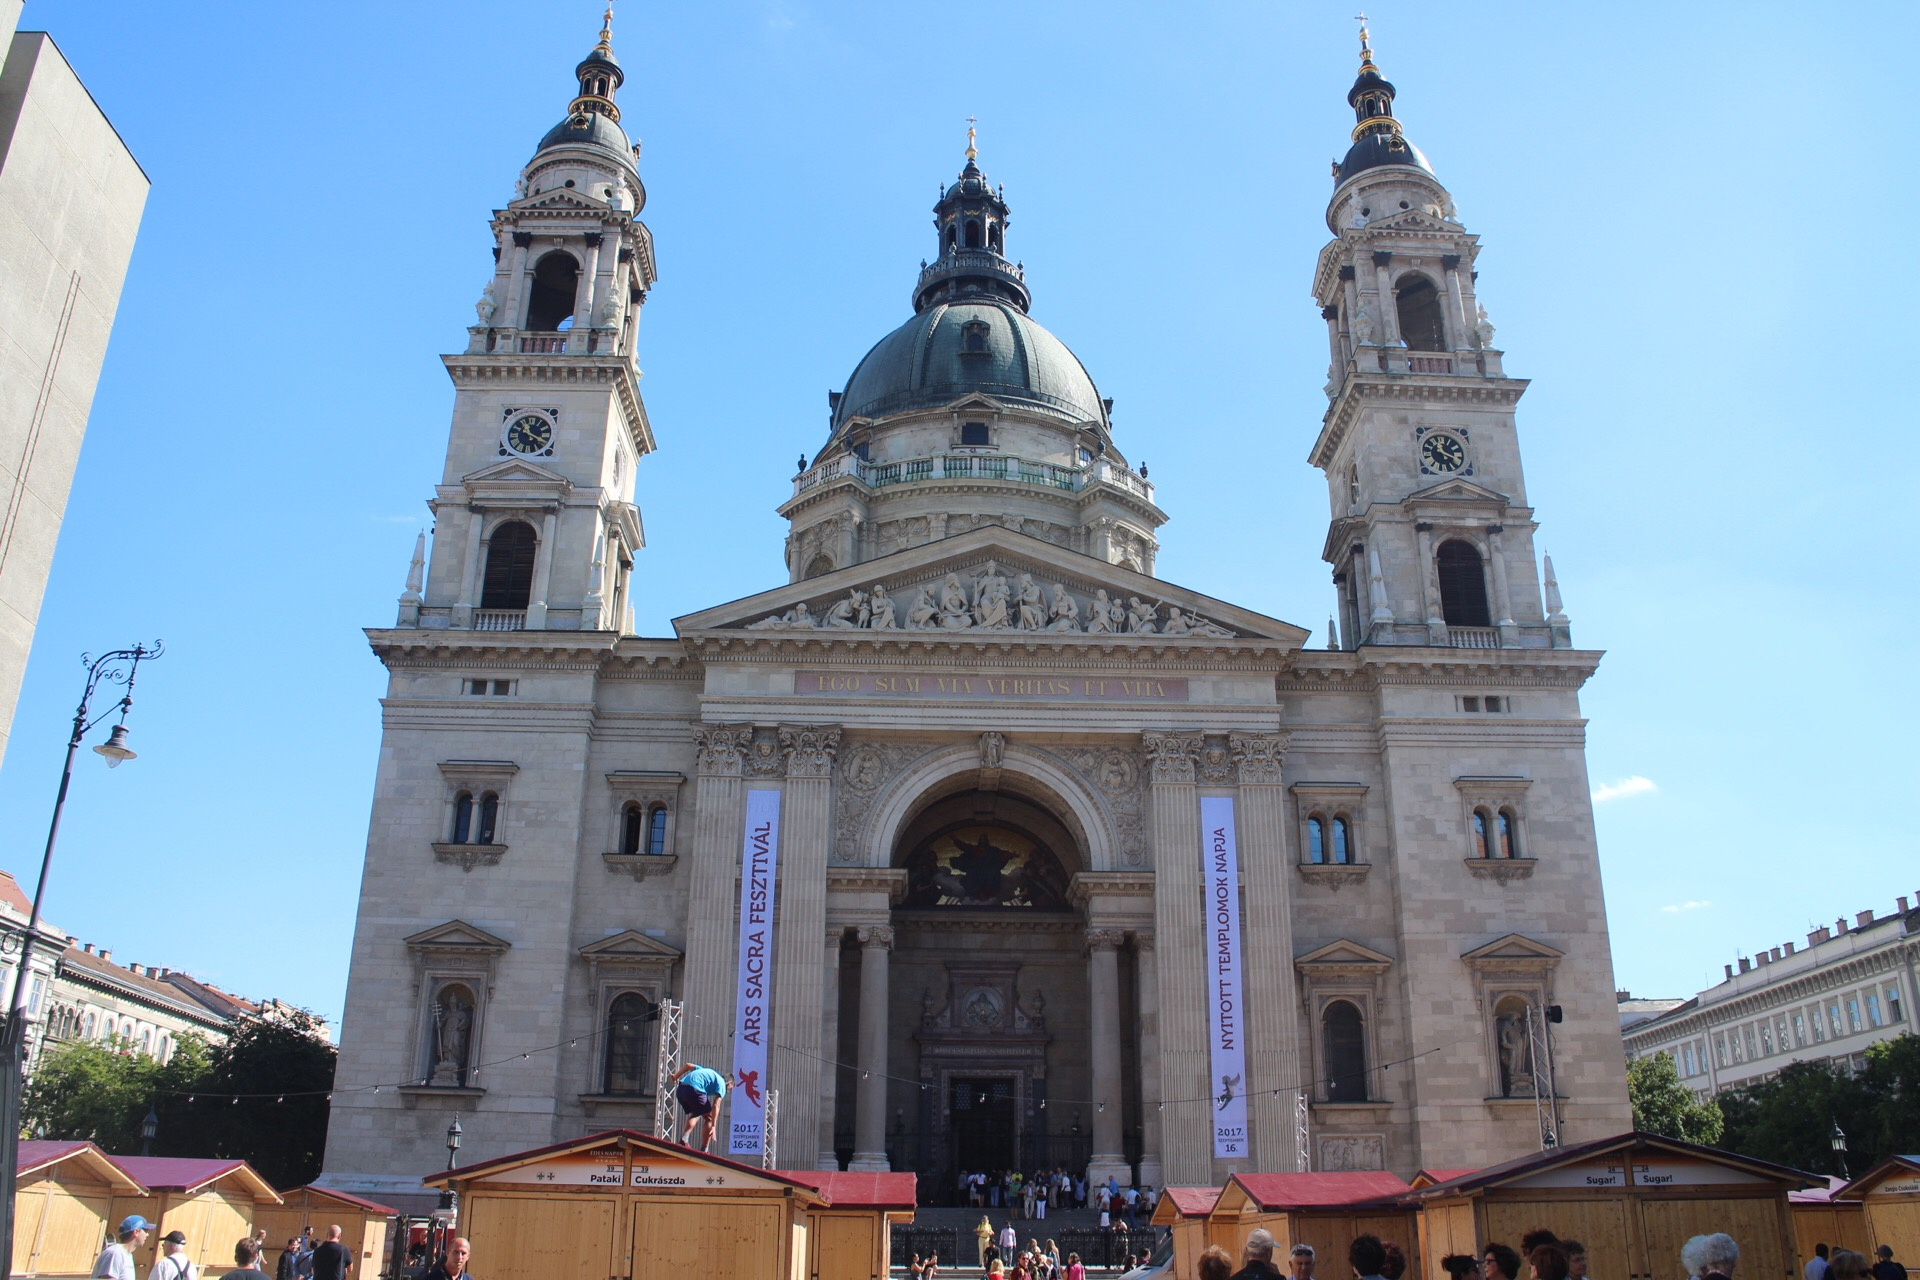 聖イシュトヴァーン大聖堂@ブダペスト!パノラマ(展望台)と宝物館も行ってきた。